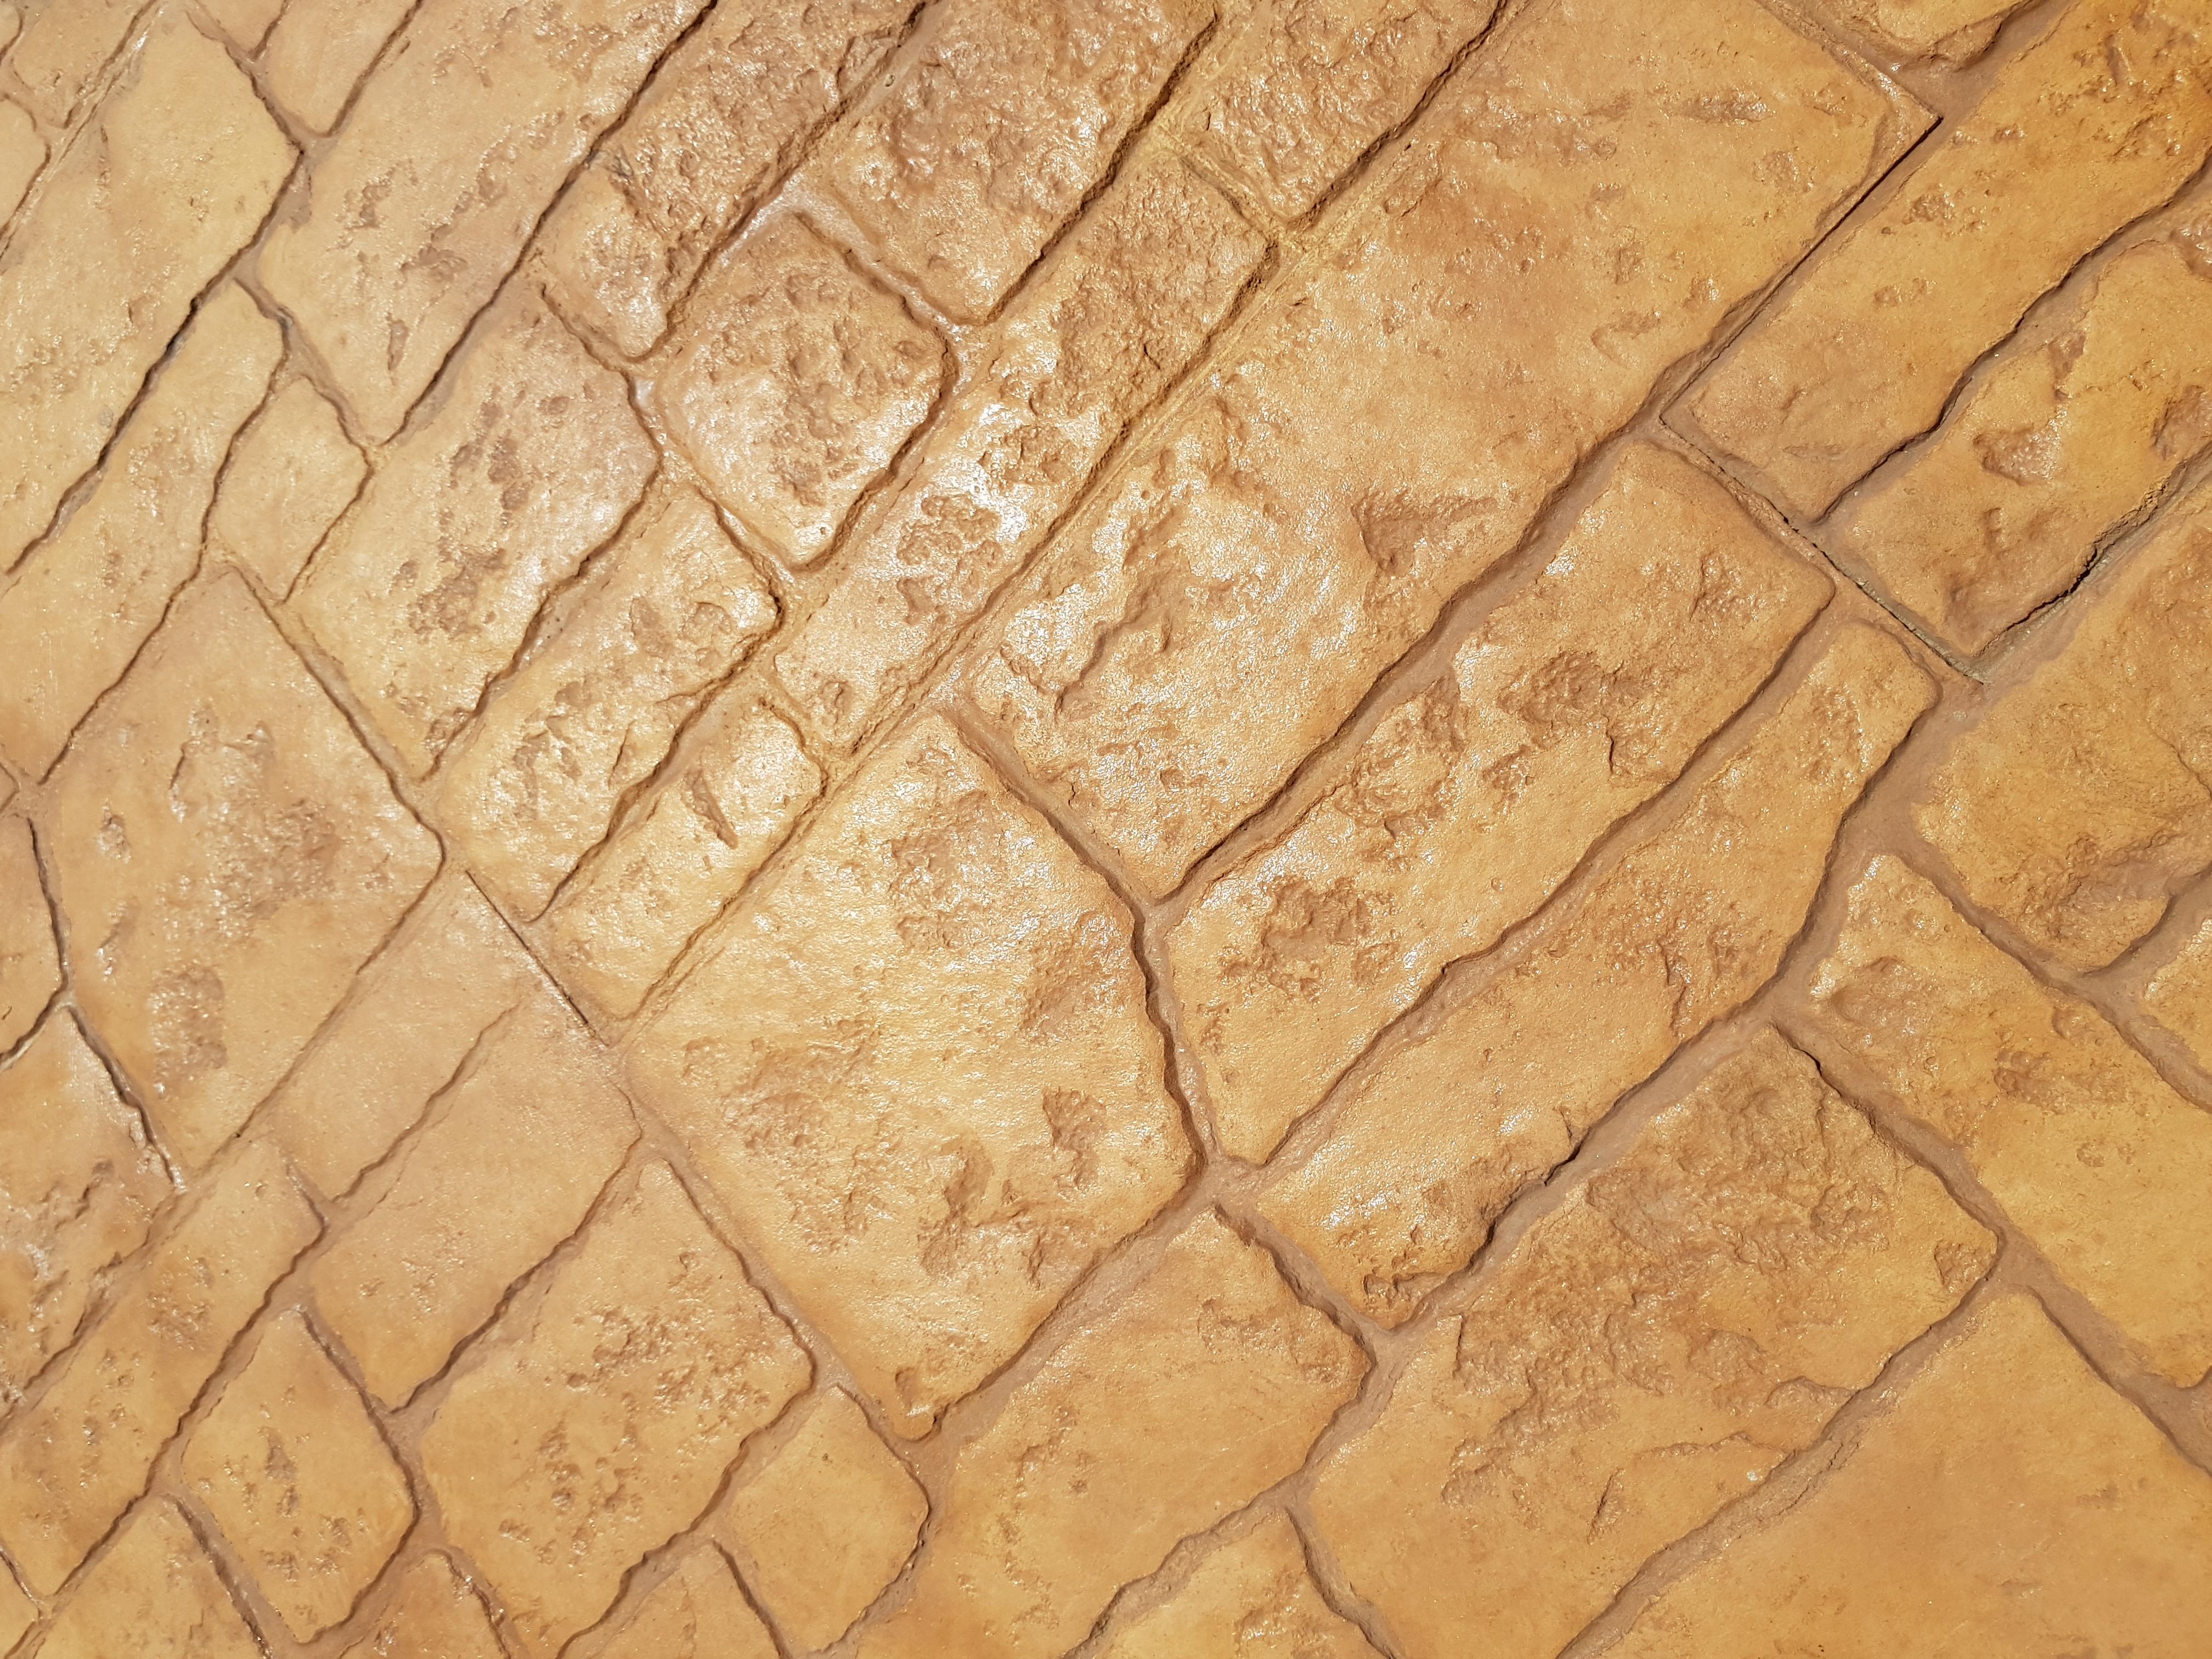 Tiskani beton hitro, ugodno in kvalitetno